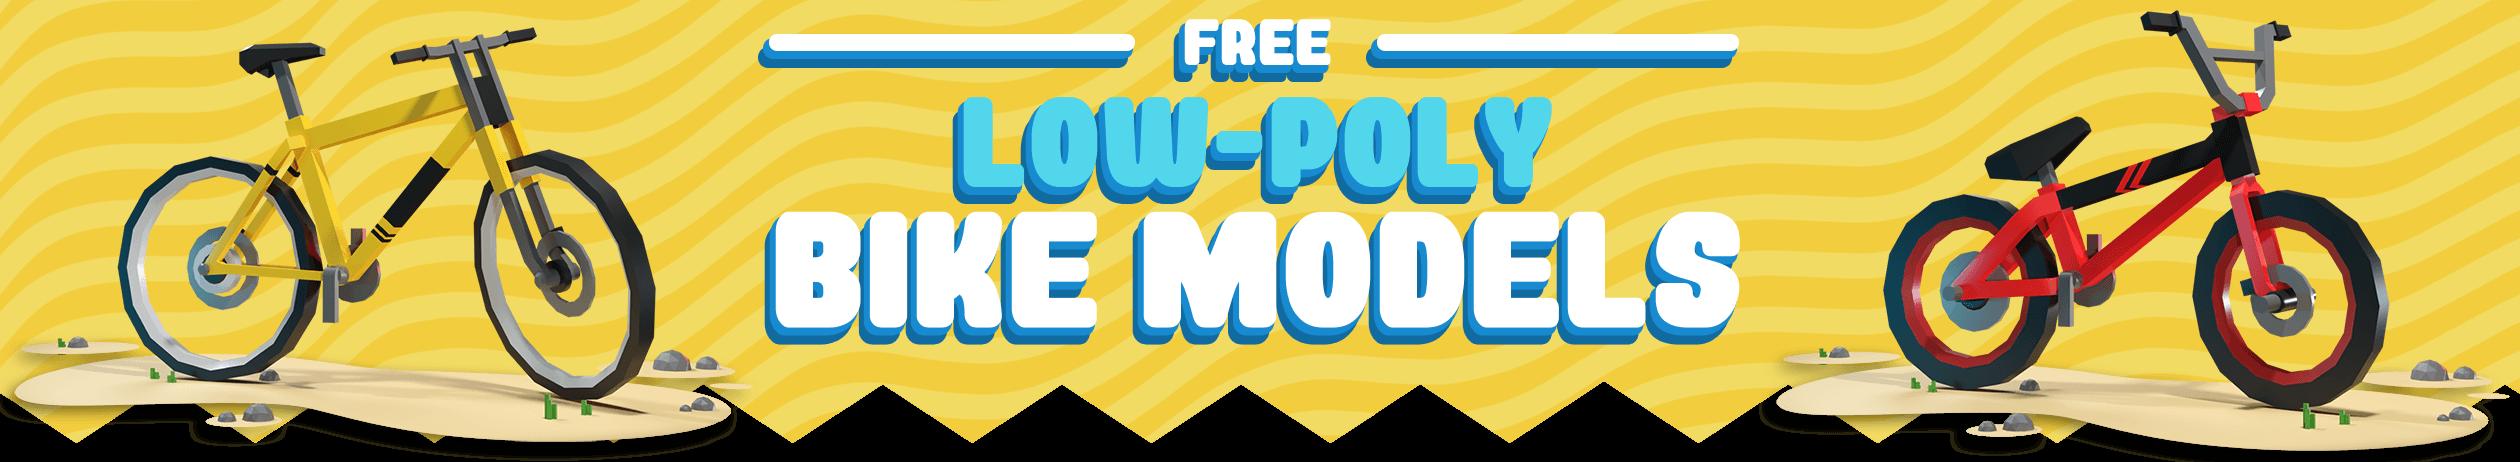 Free Low-Poly Bike Models